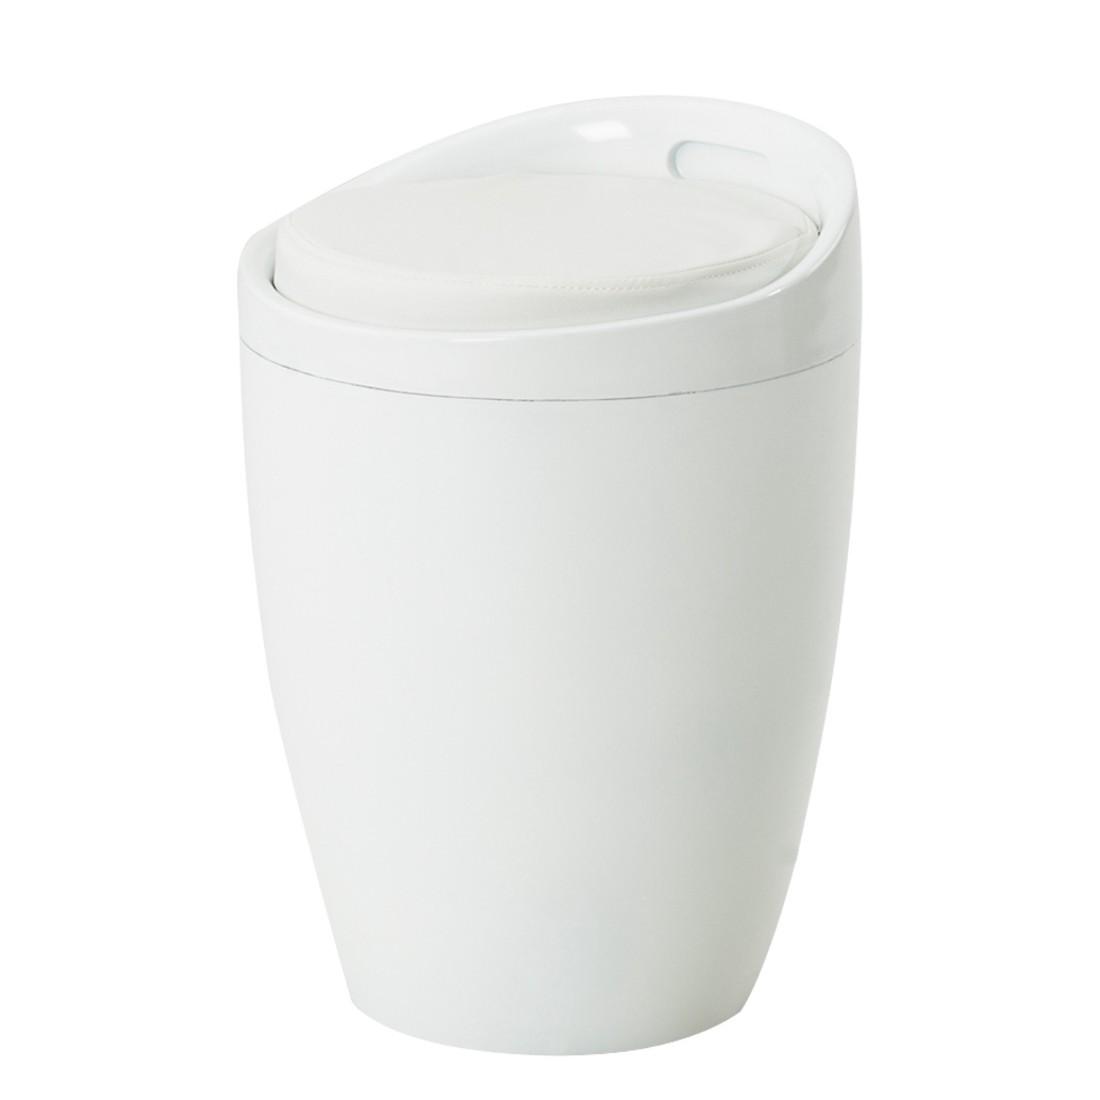 Hocker Alena – mit gepolstertem PVC-Sitz, Home Design kaufen